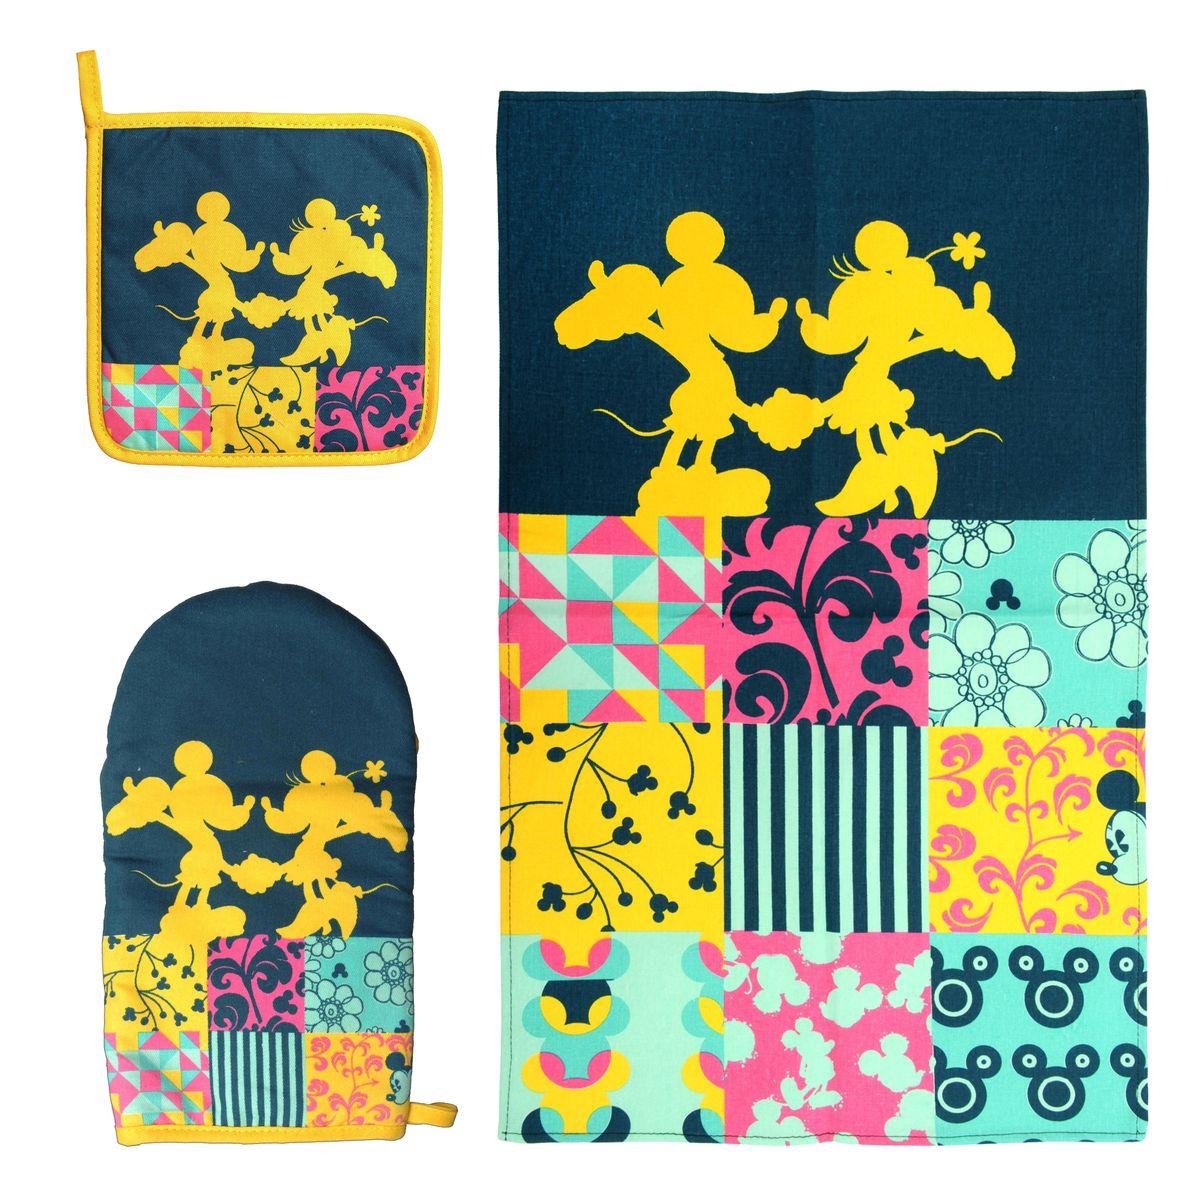 Набор для кухни Disney Mickey&Minnie, 3 предмета1004900000360Набор для кухни Disney Mickey&Minnie, выполненный из 100% хлопка, состоит из полотенца, прихватки, варежки. Предметы набора оформлены изображением Микки Мауса и Минни Мауса, а также красивыми узорами. Прихватку и рукавицу можно подвешивать благодаря имеющимся на них петелькам. Такой набор - отличный вариант для практичной и современной молодой хозяйки.Размер полотенца: 37 см х 62 см.Размер прихватки: 18 см х 18 см.Размер варежки: 15 см х 28 см.